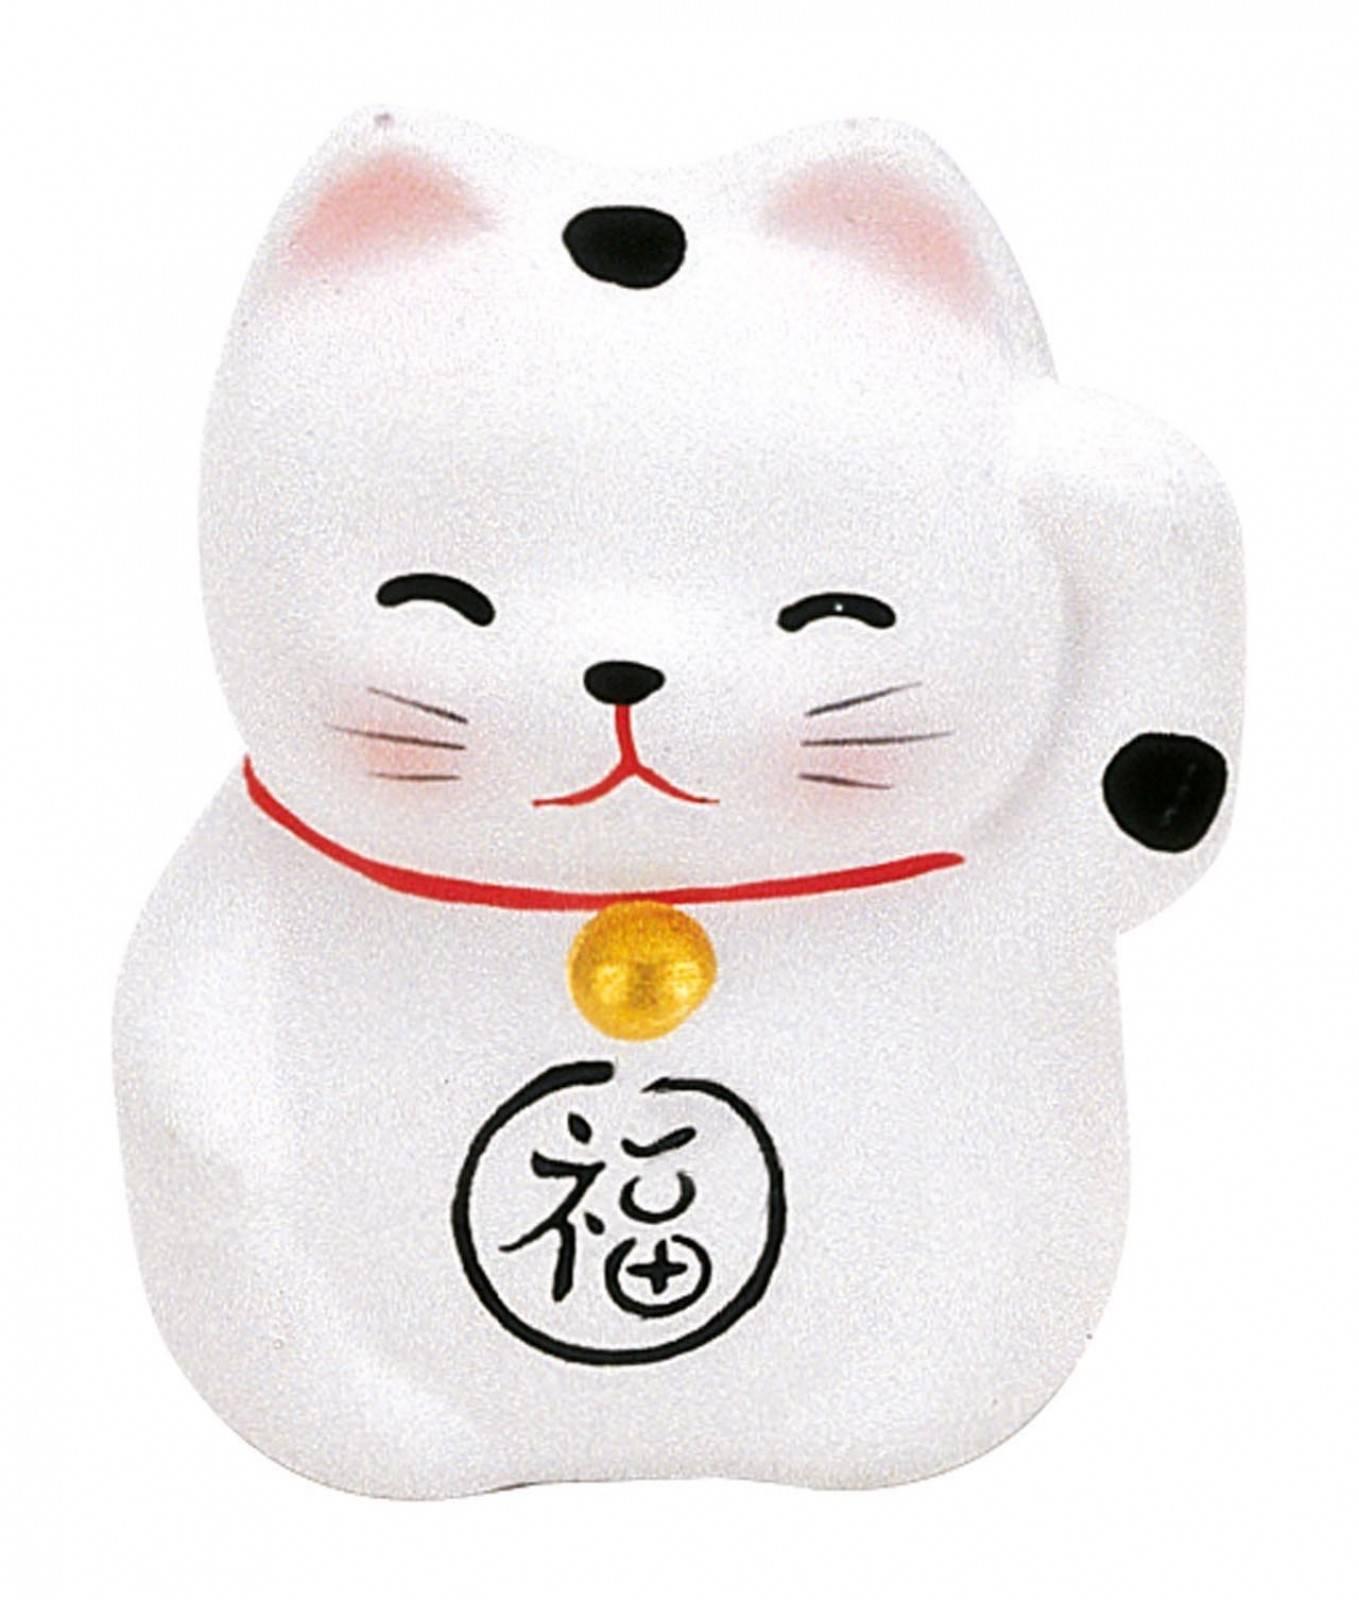 Манеки неко японская кошка с поднятой лапкой: значение талисмана и тату для владельца